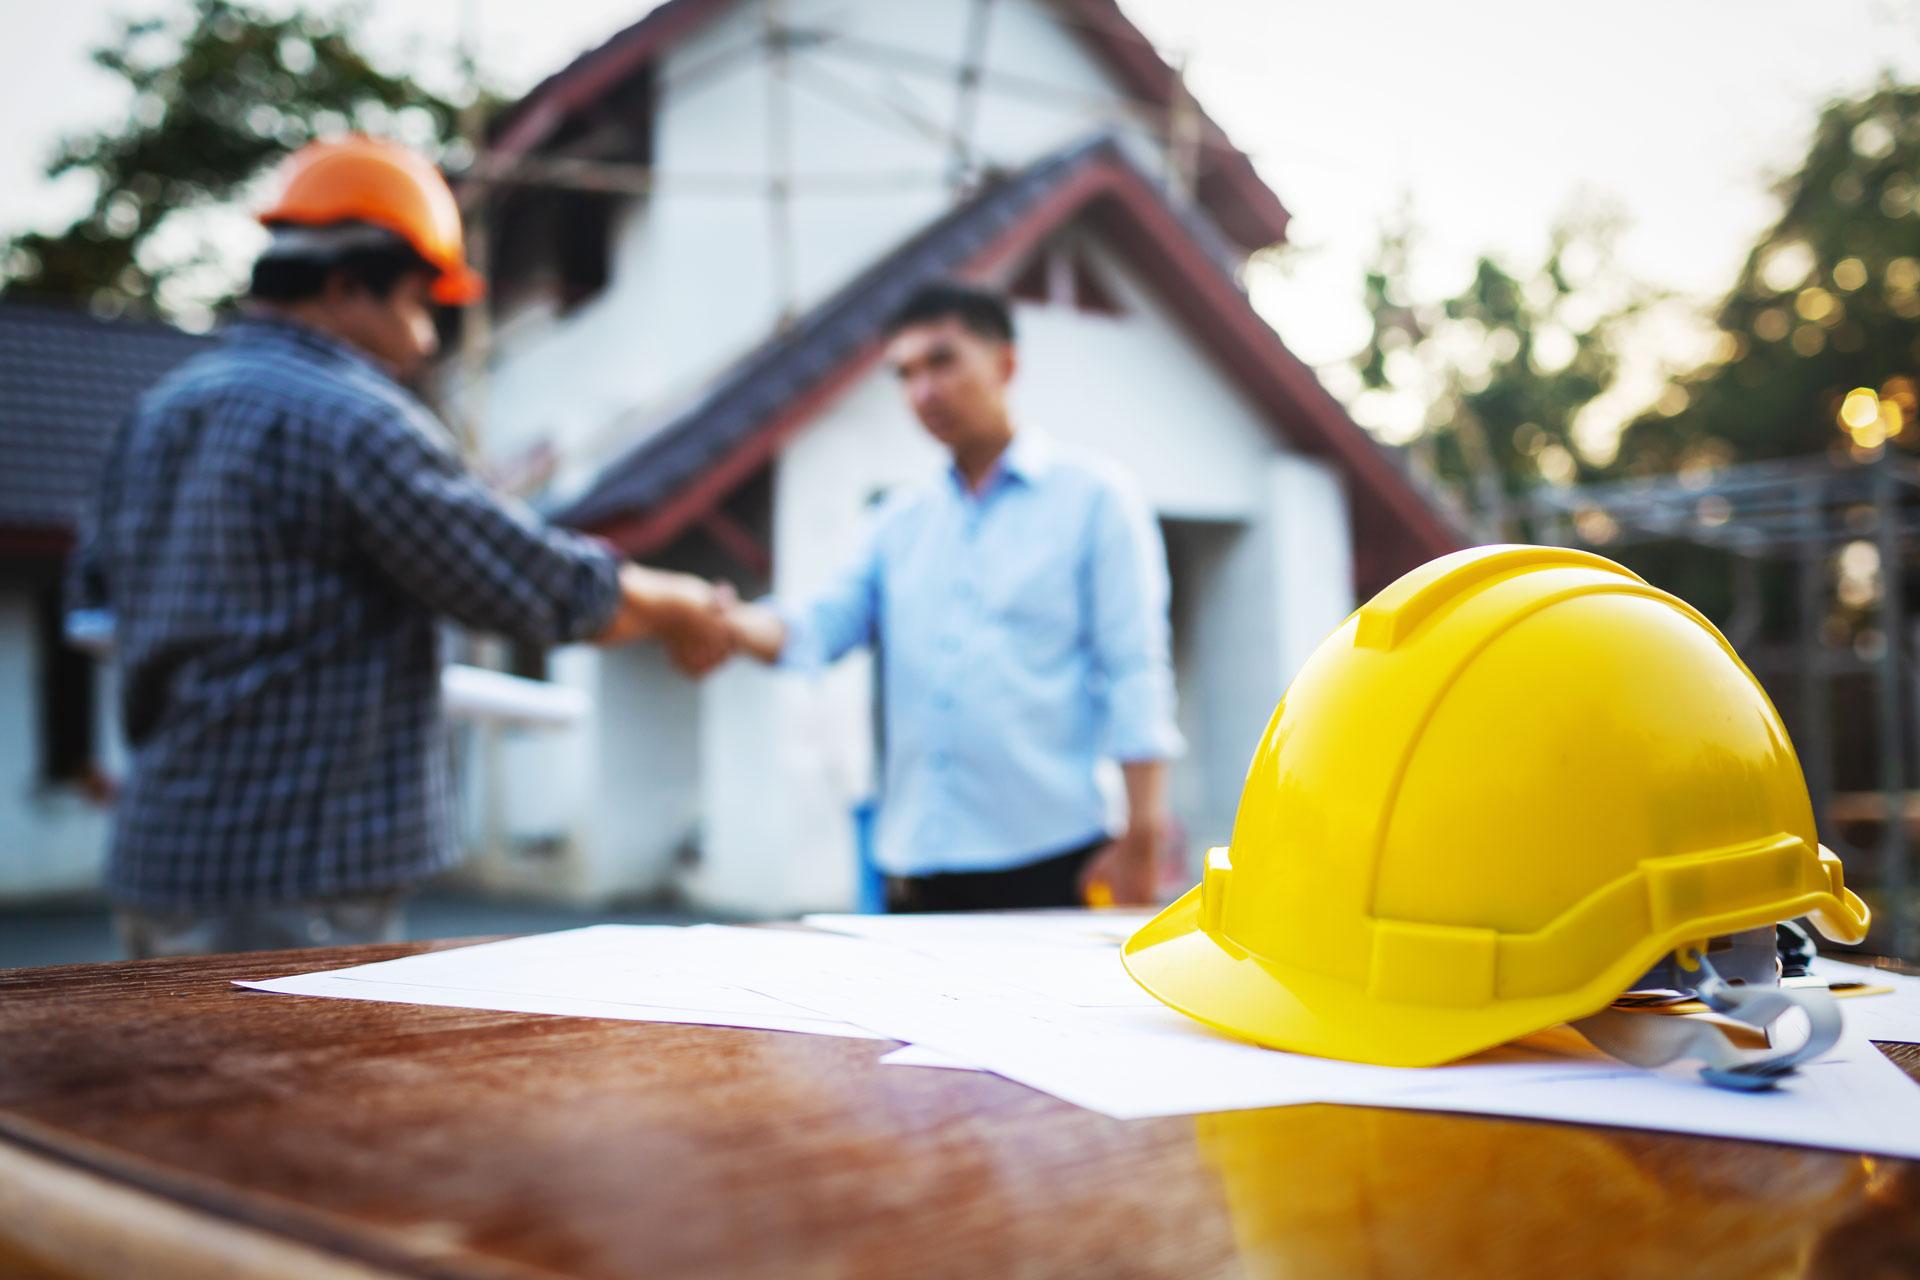 Begroting huis bouwen